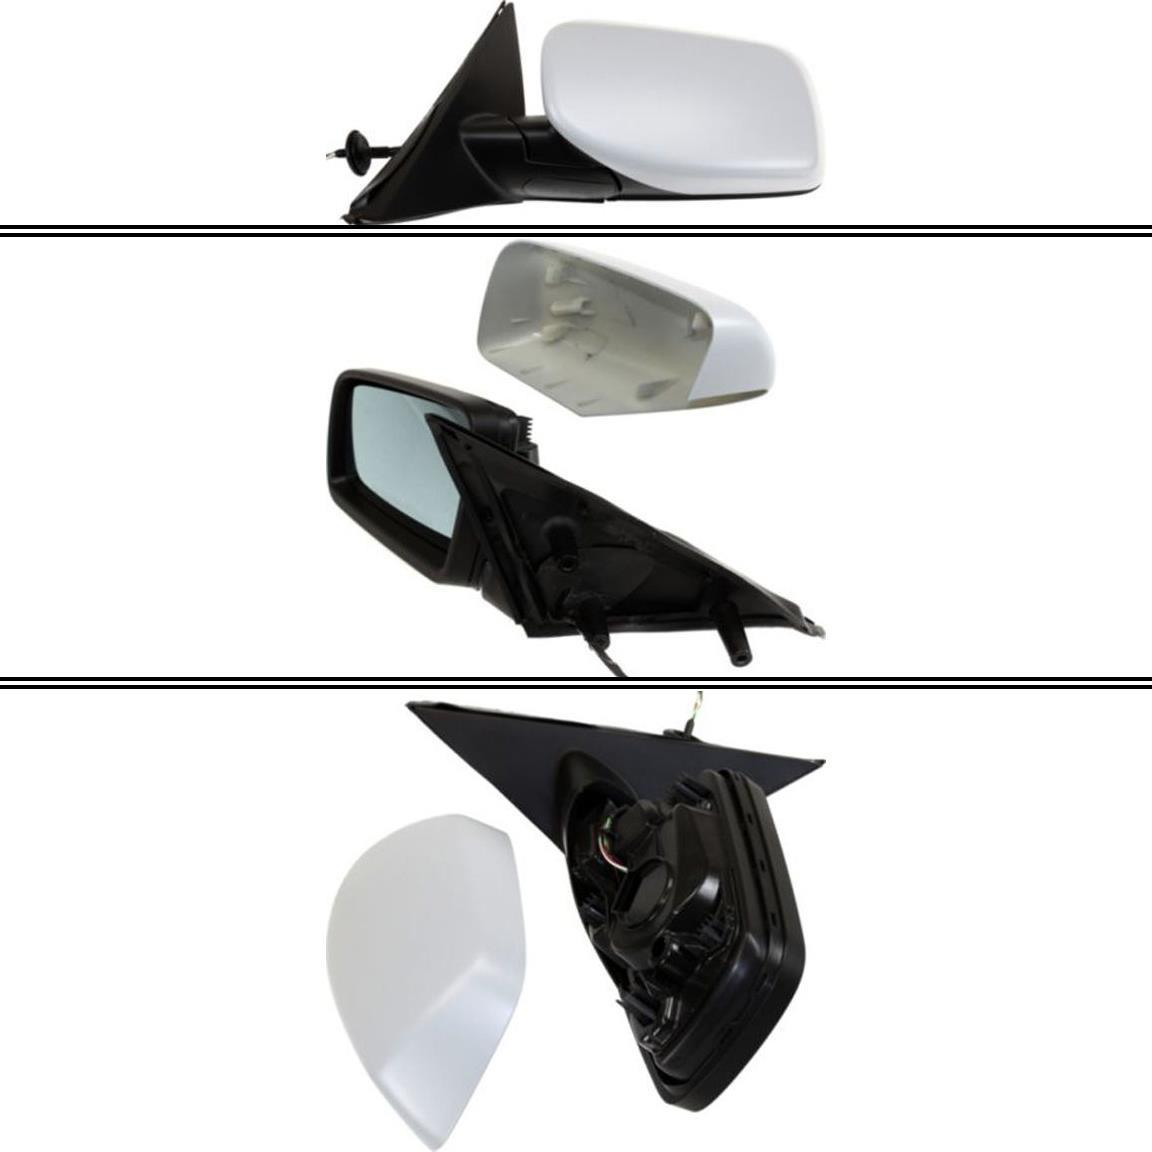 ミラー New Driver Side Mirror for BMW 525i 2004-2007 BMW 525i 2004-2007用の新しいドライバサイドミラー